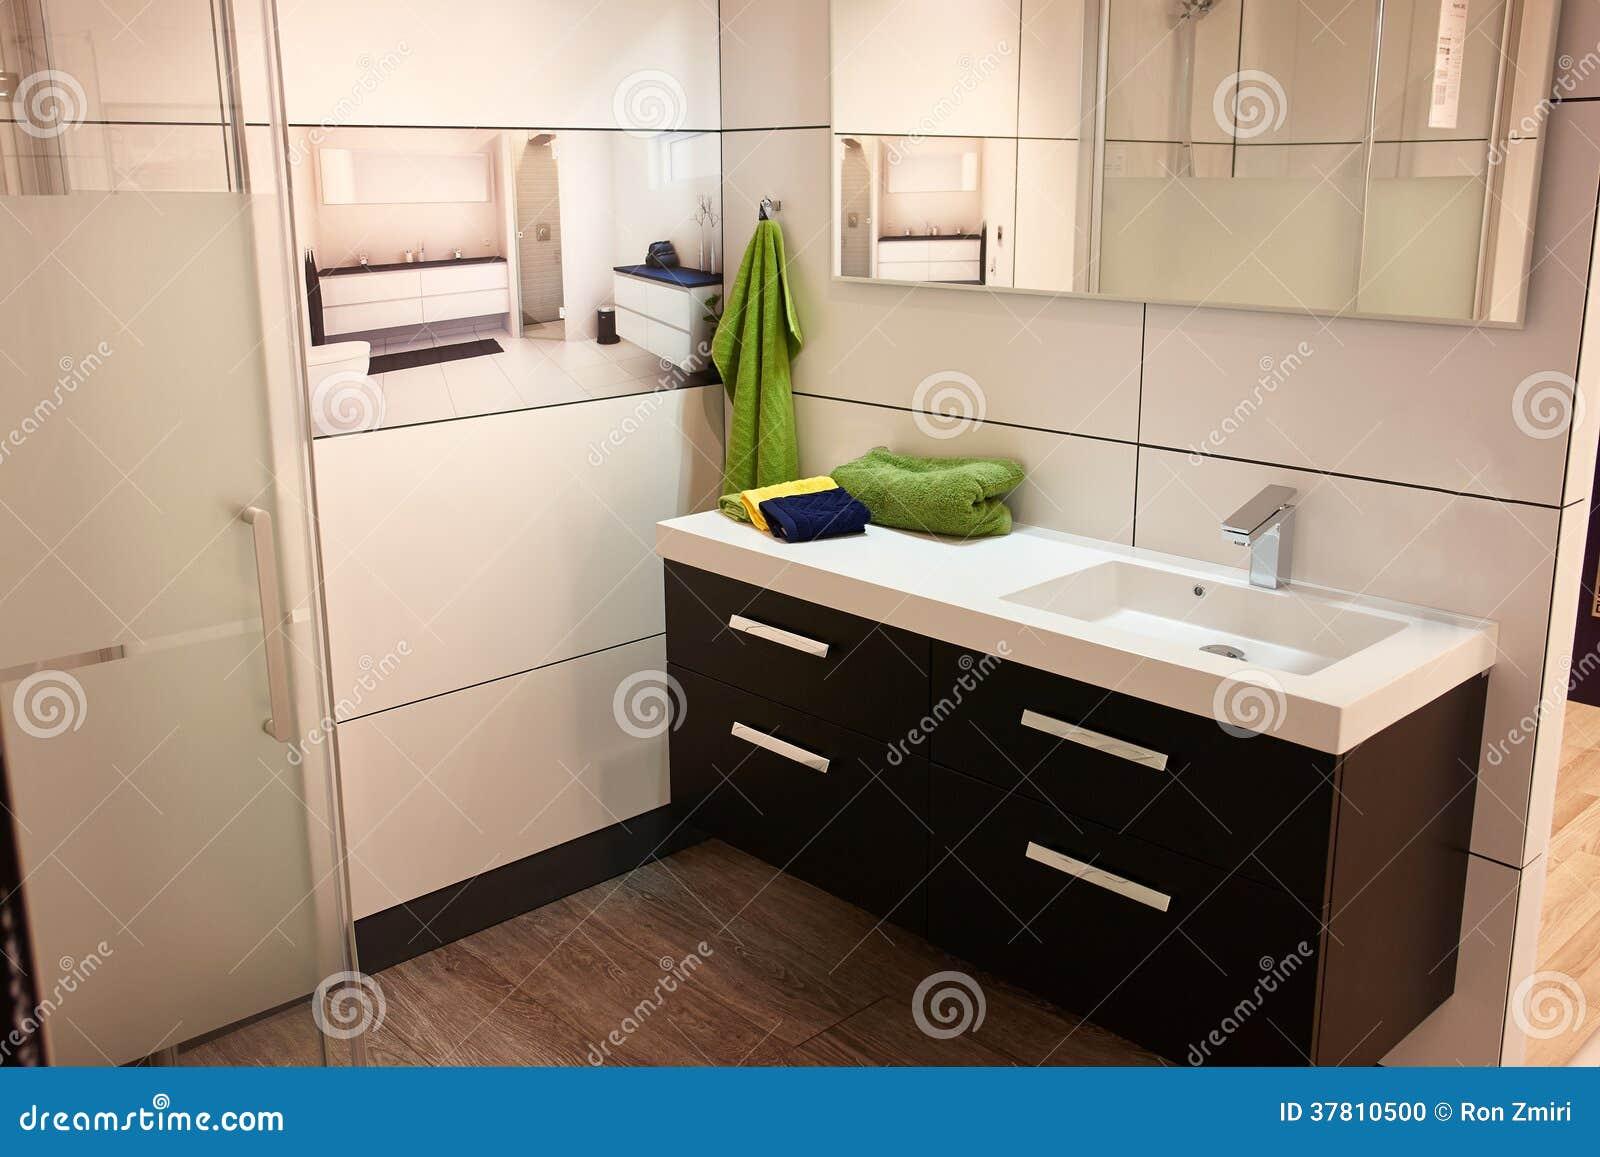 Bello Bagno Classico Moderno Nella Nuova Casa Di Lusso Fotografia Stock - Immagine: 37810500